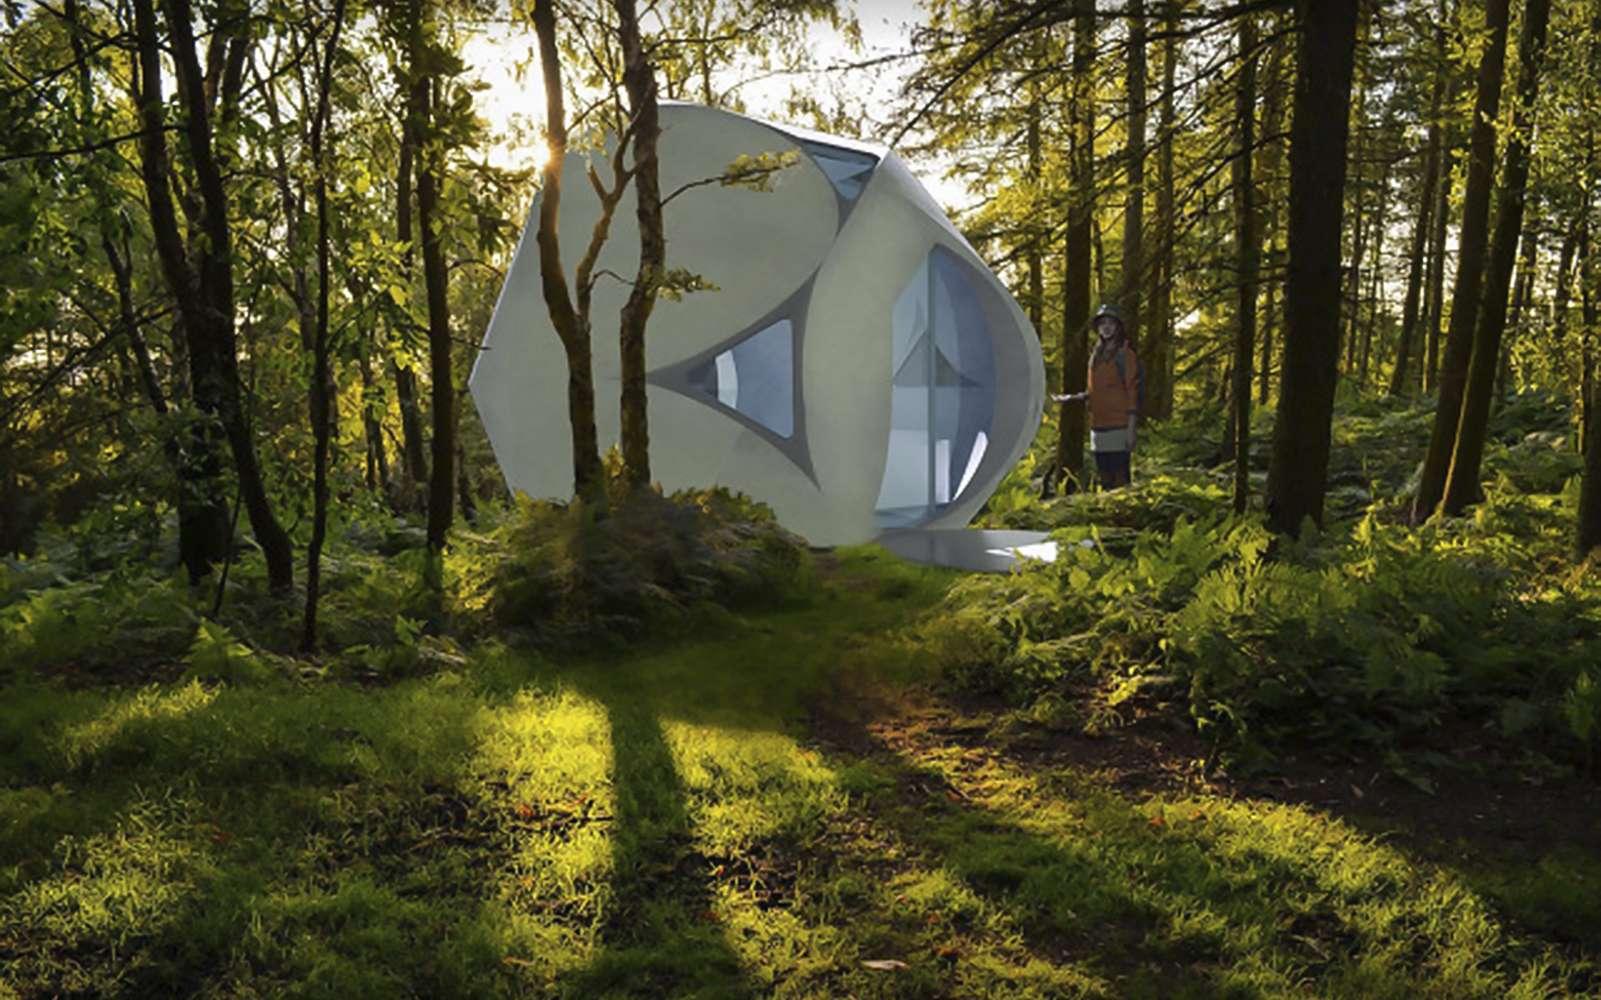 La maison du « monde d'après » ressemblera-t-elle à ça ? © Serendix Partners